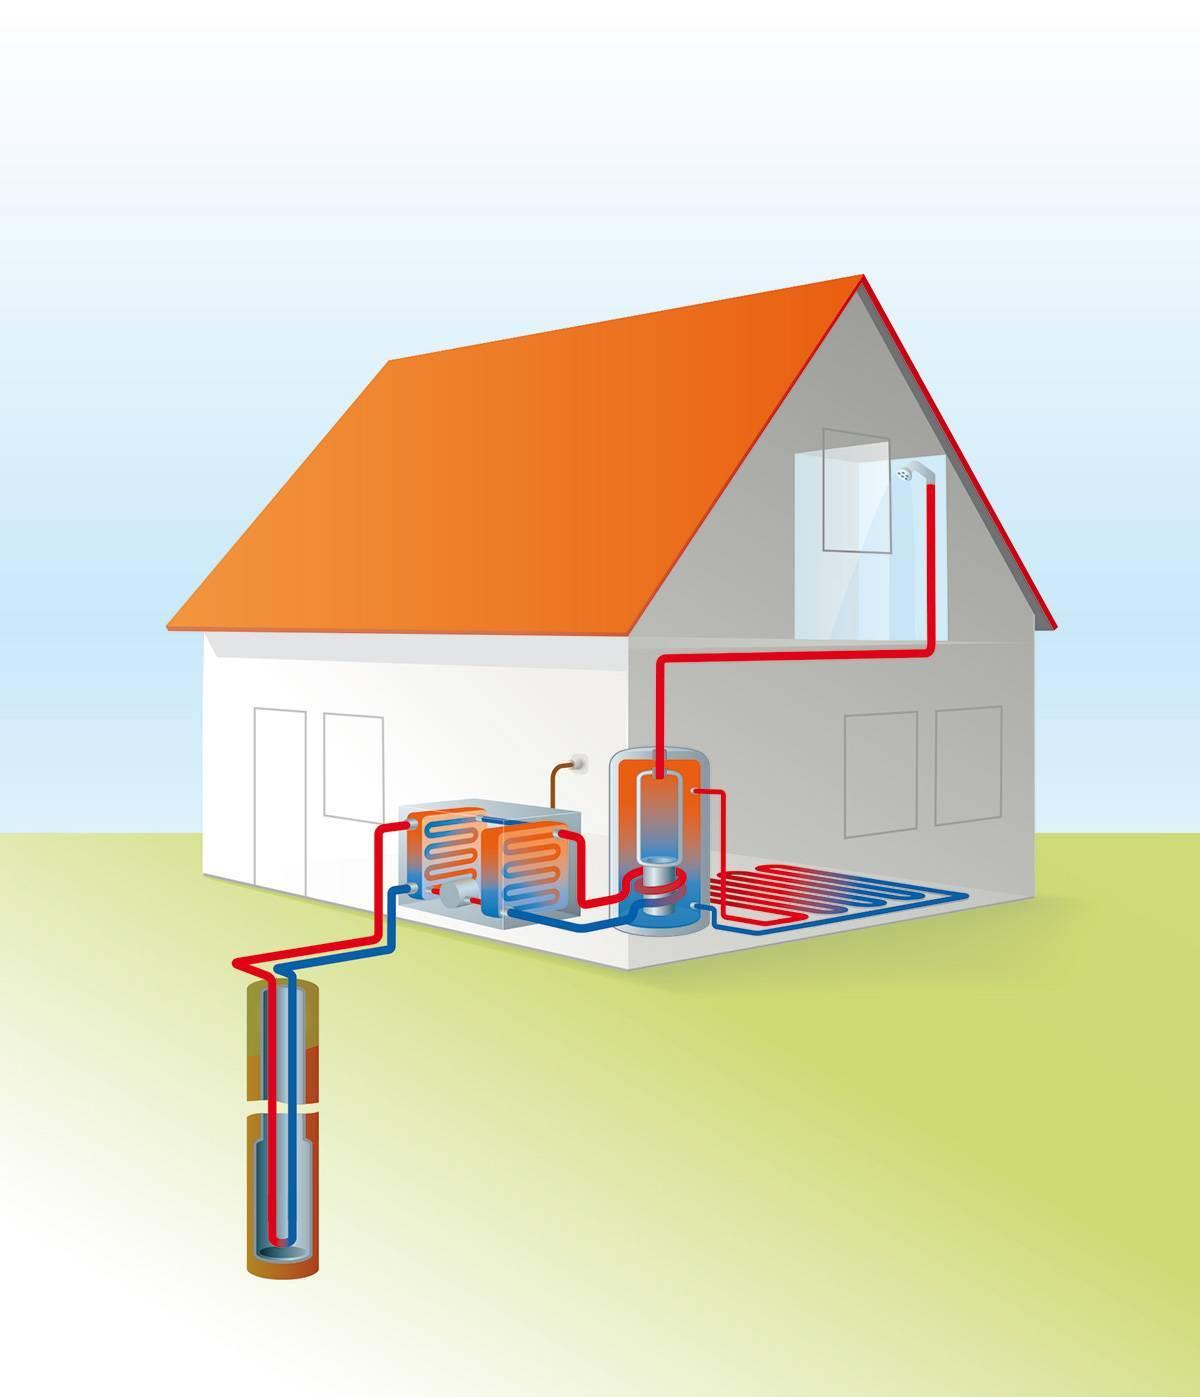 Геотермальное отопление дома: принцип работы, преимущества, выполнение монтажа